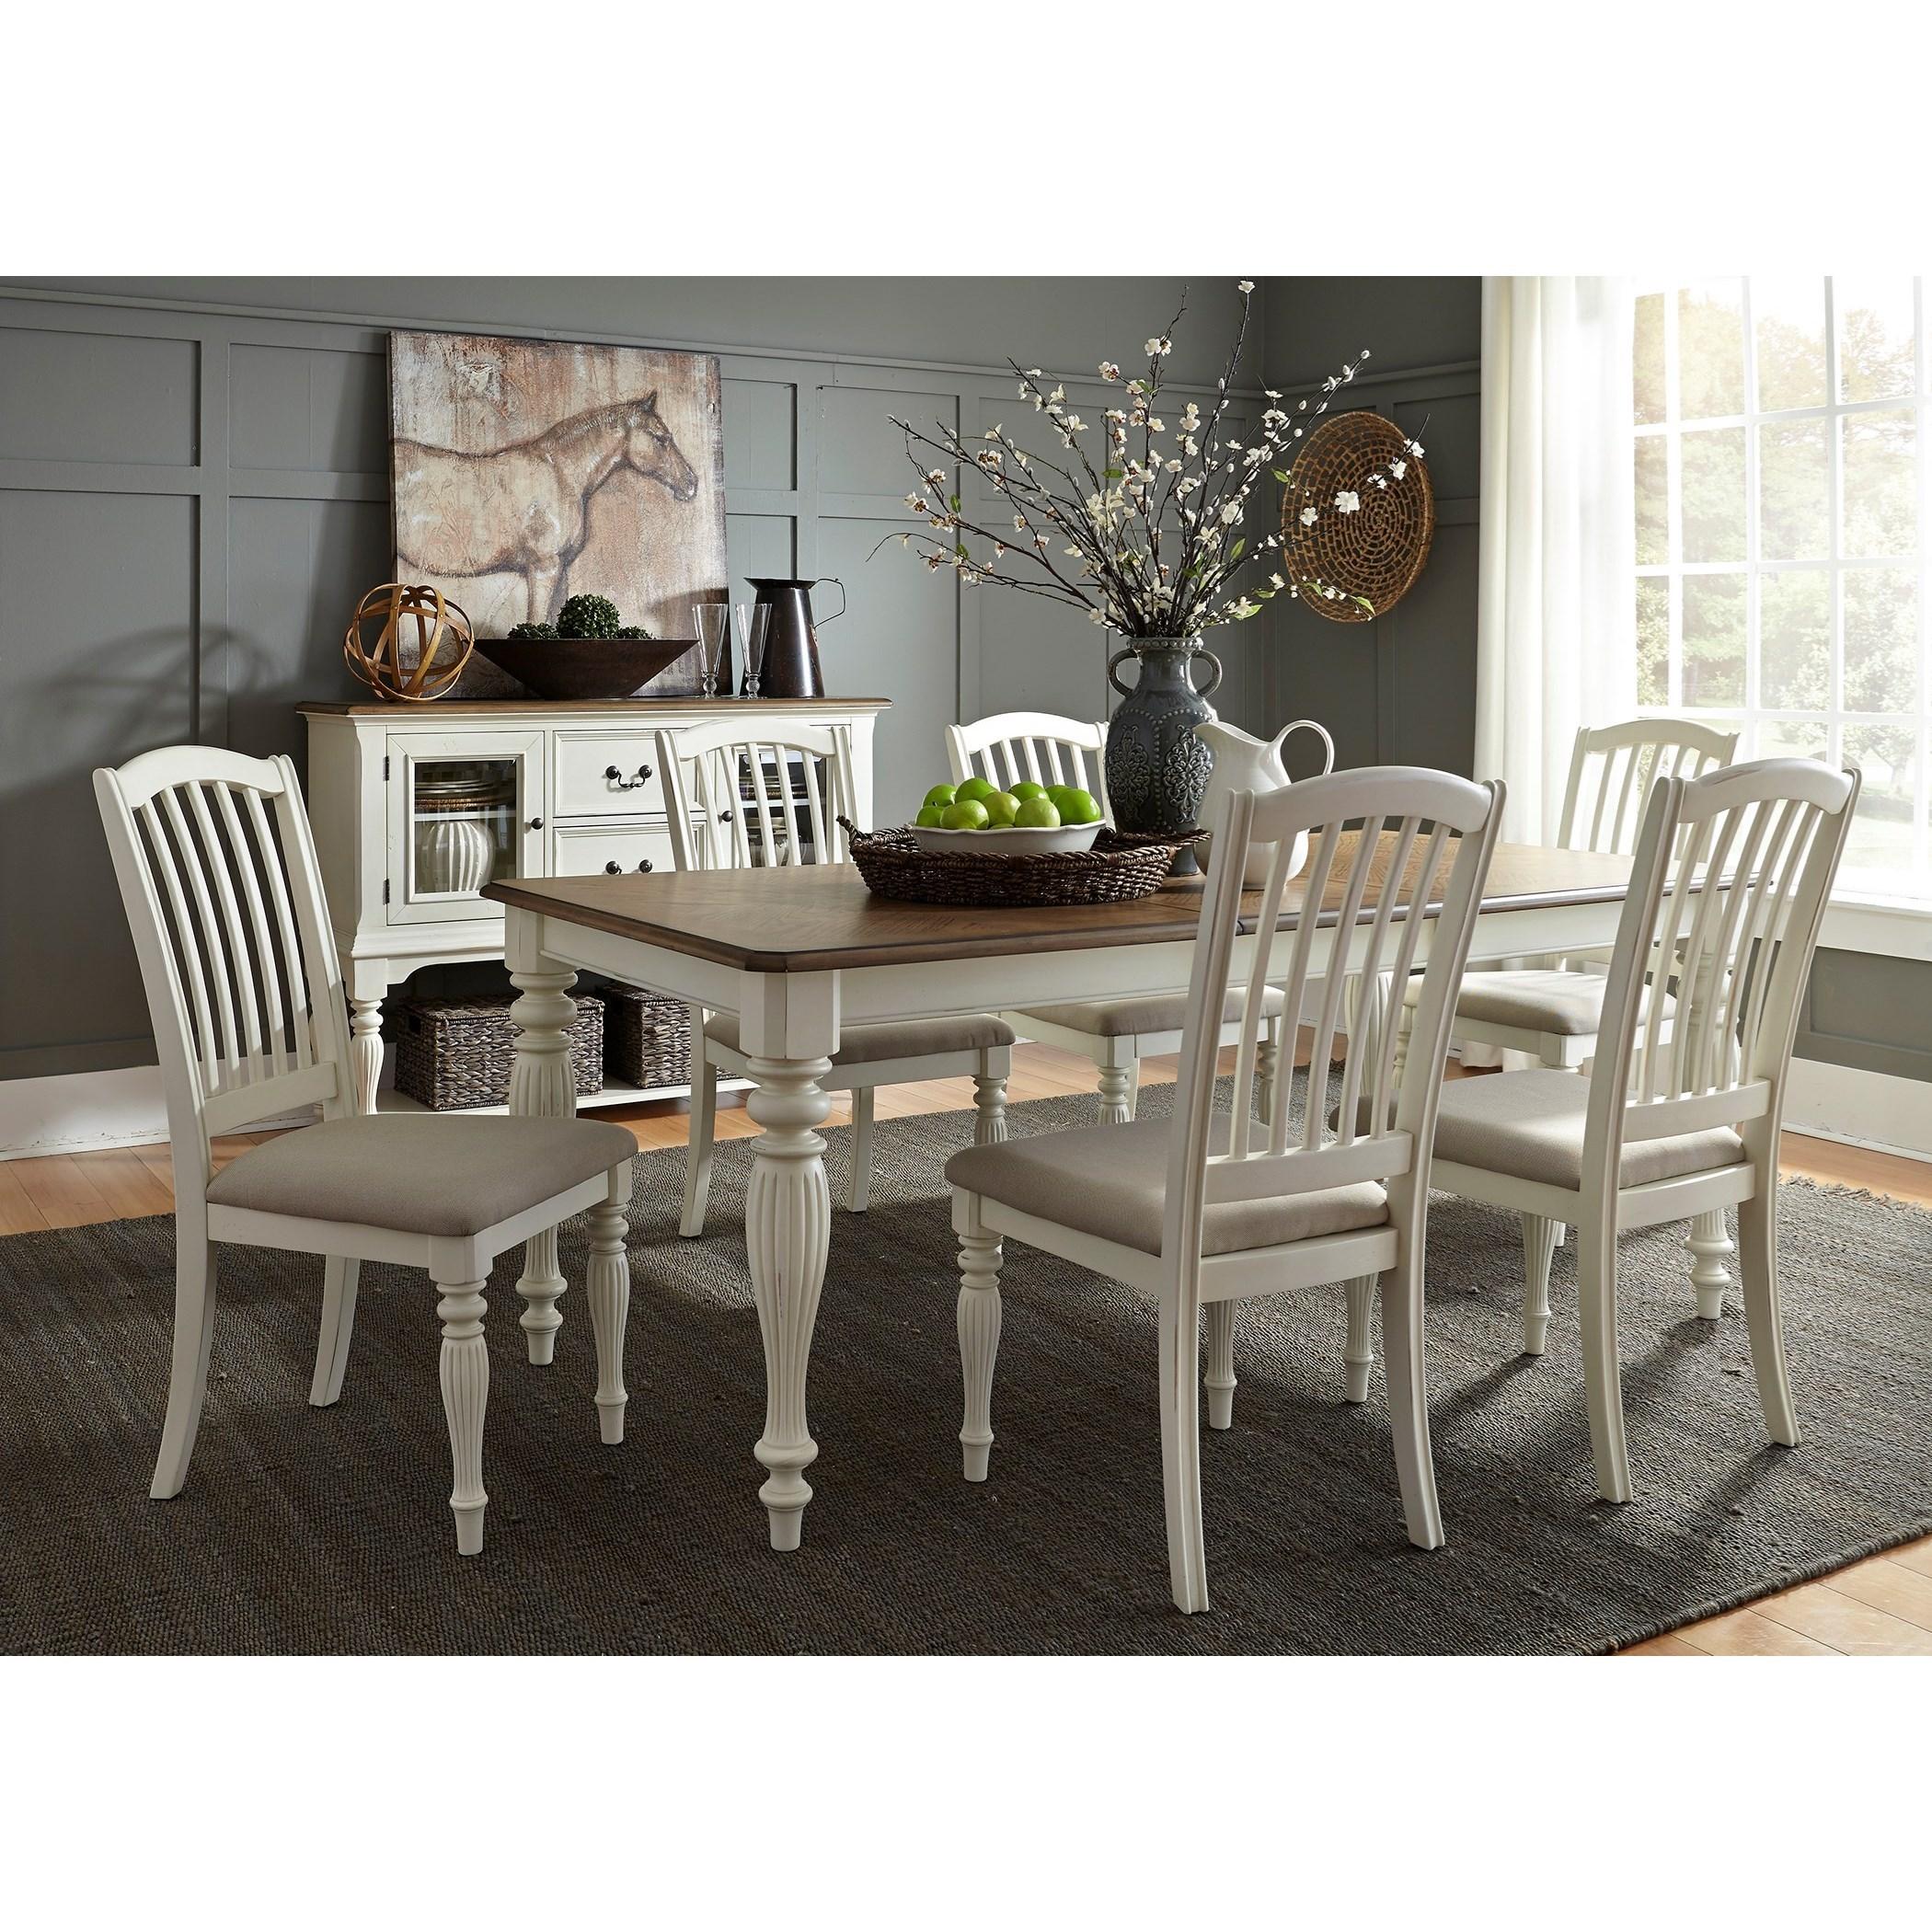 Liberty Furniture Cumberland Creek Dining 7 Piece Rectangular Table Set  - Item Number: 334-CD-7RLS